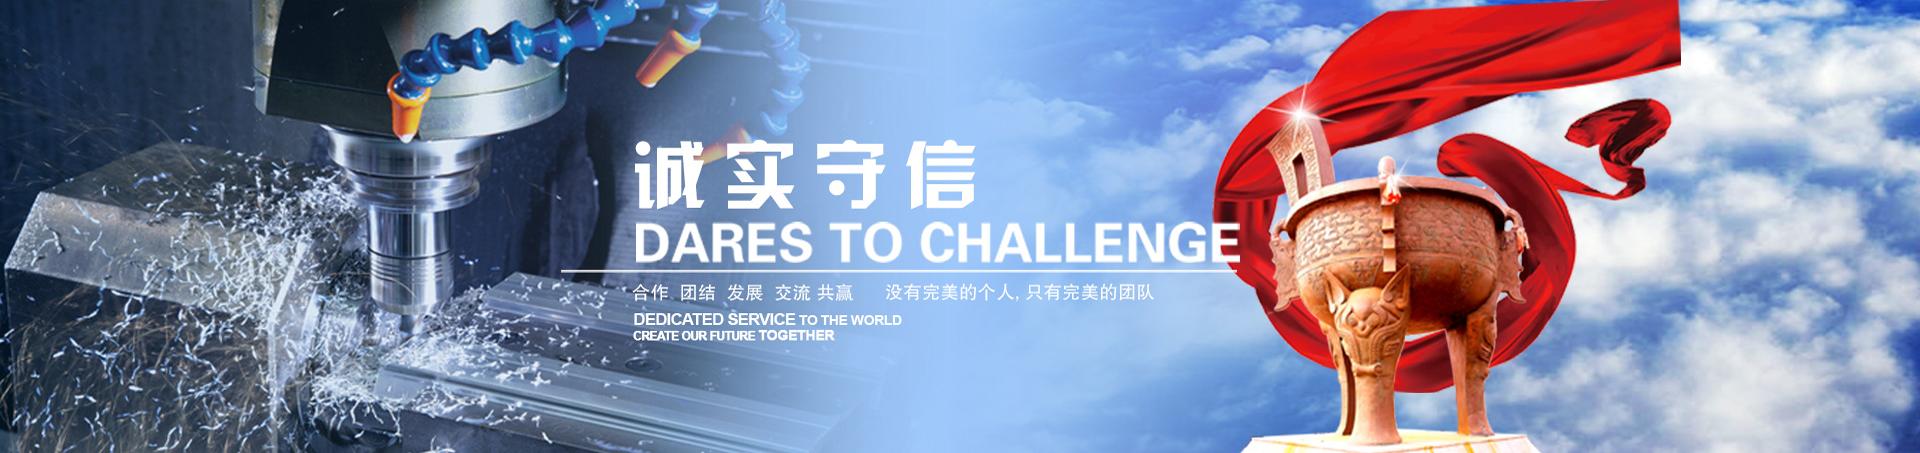 大奖888游戏平台诚信单位